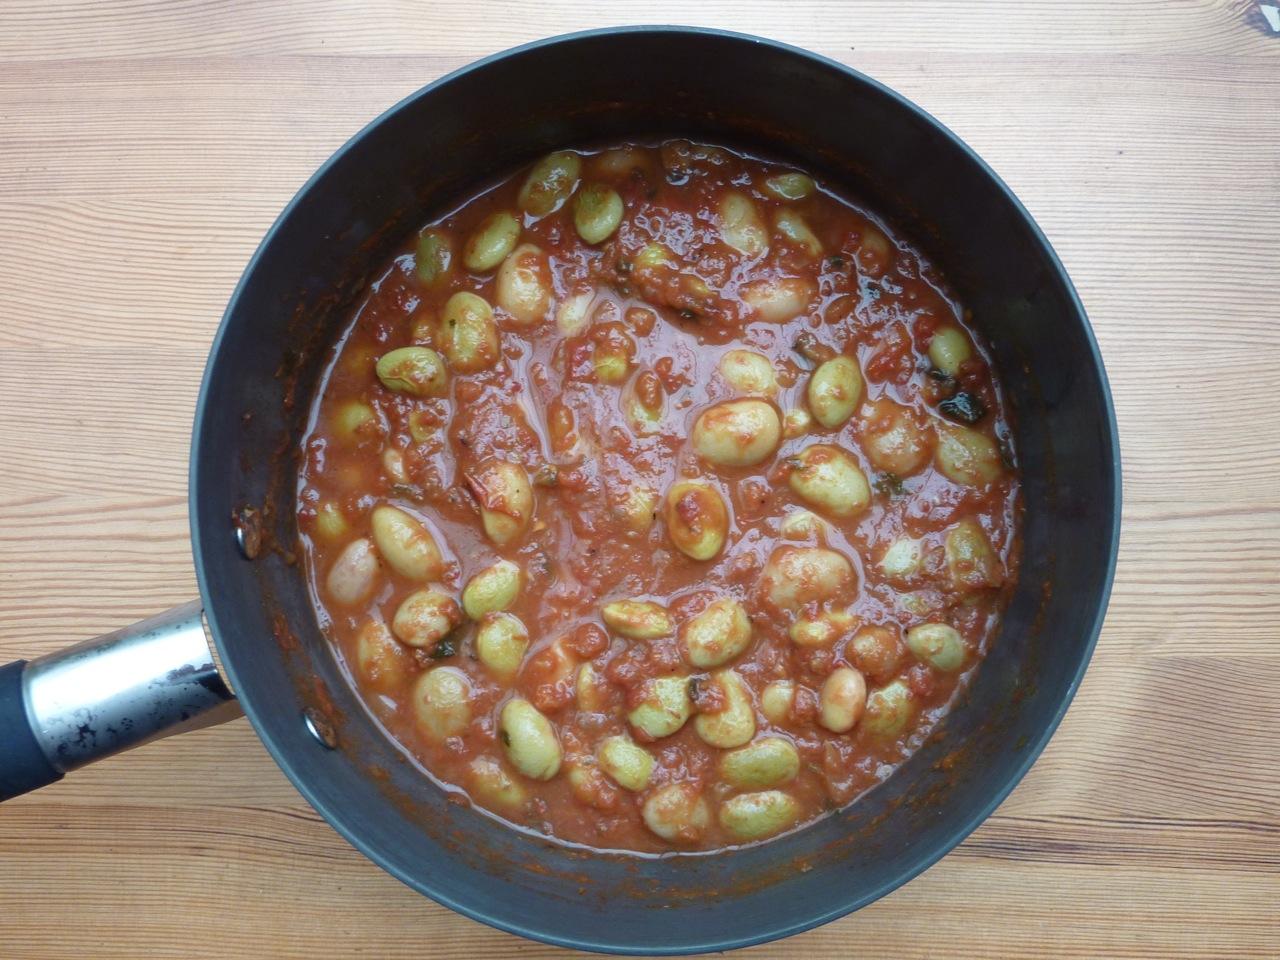 Borlotti beans in roasted tomato passata